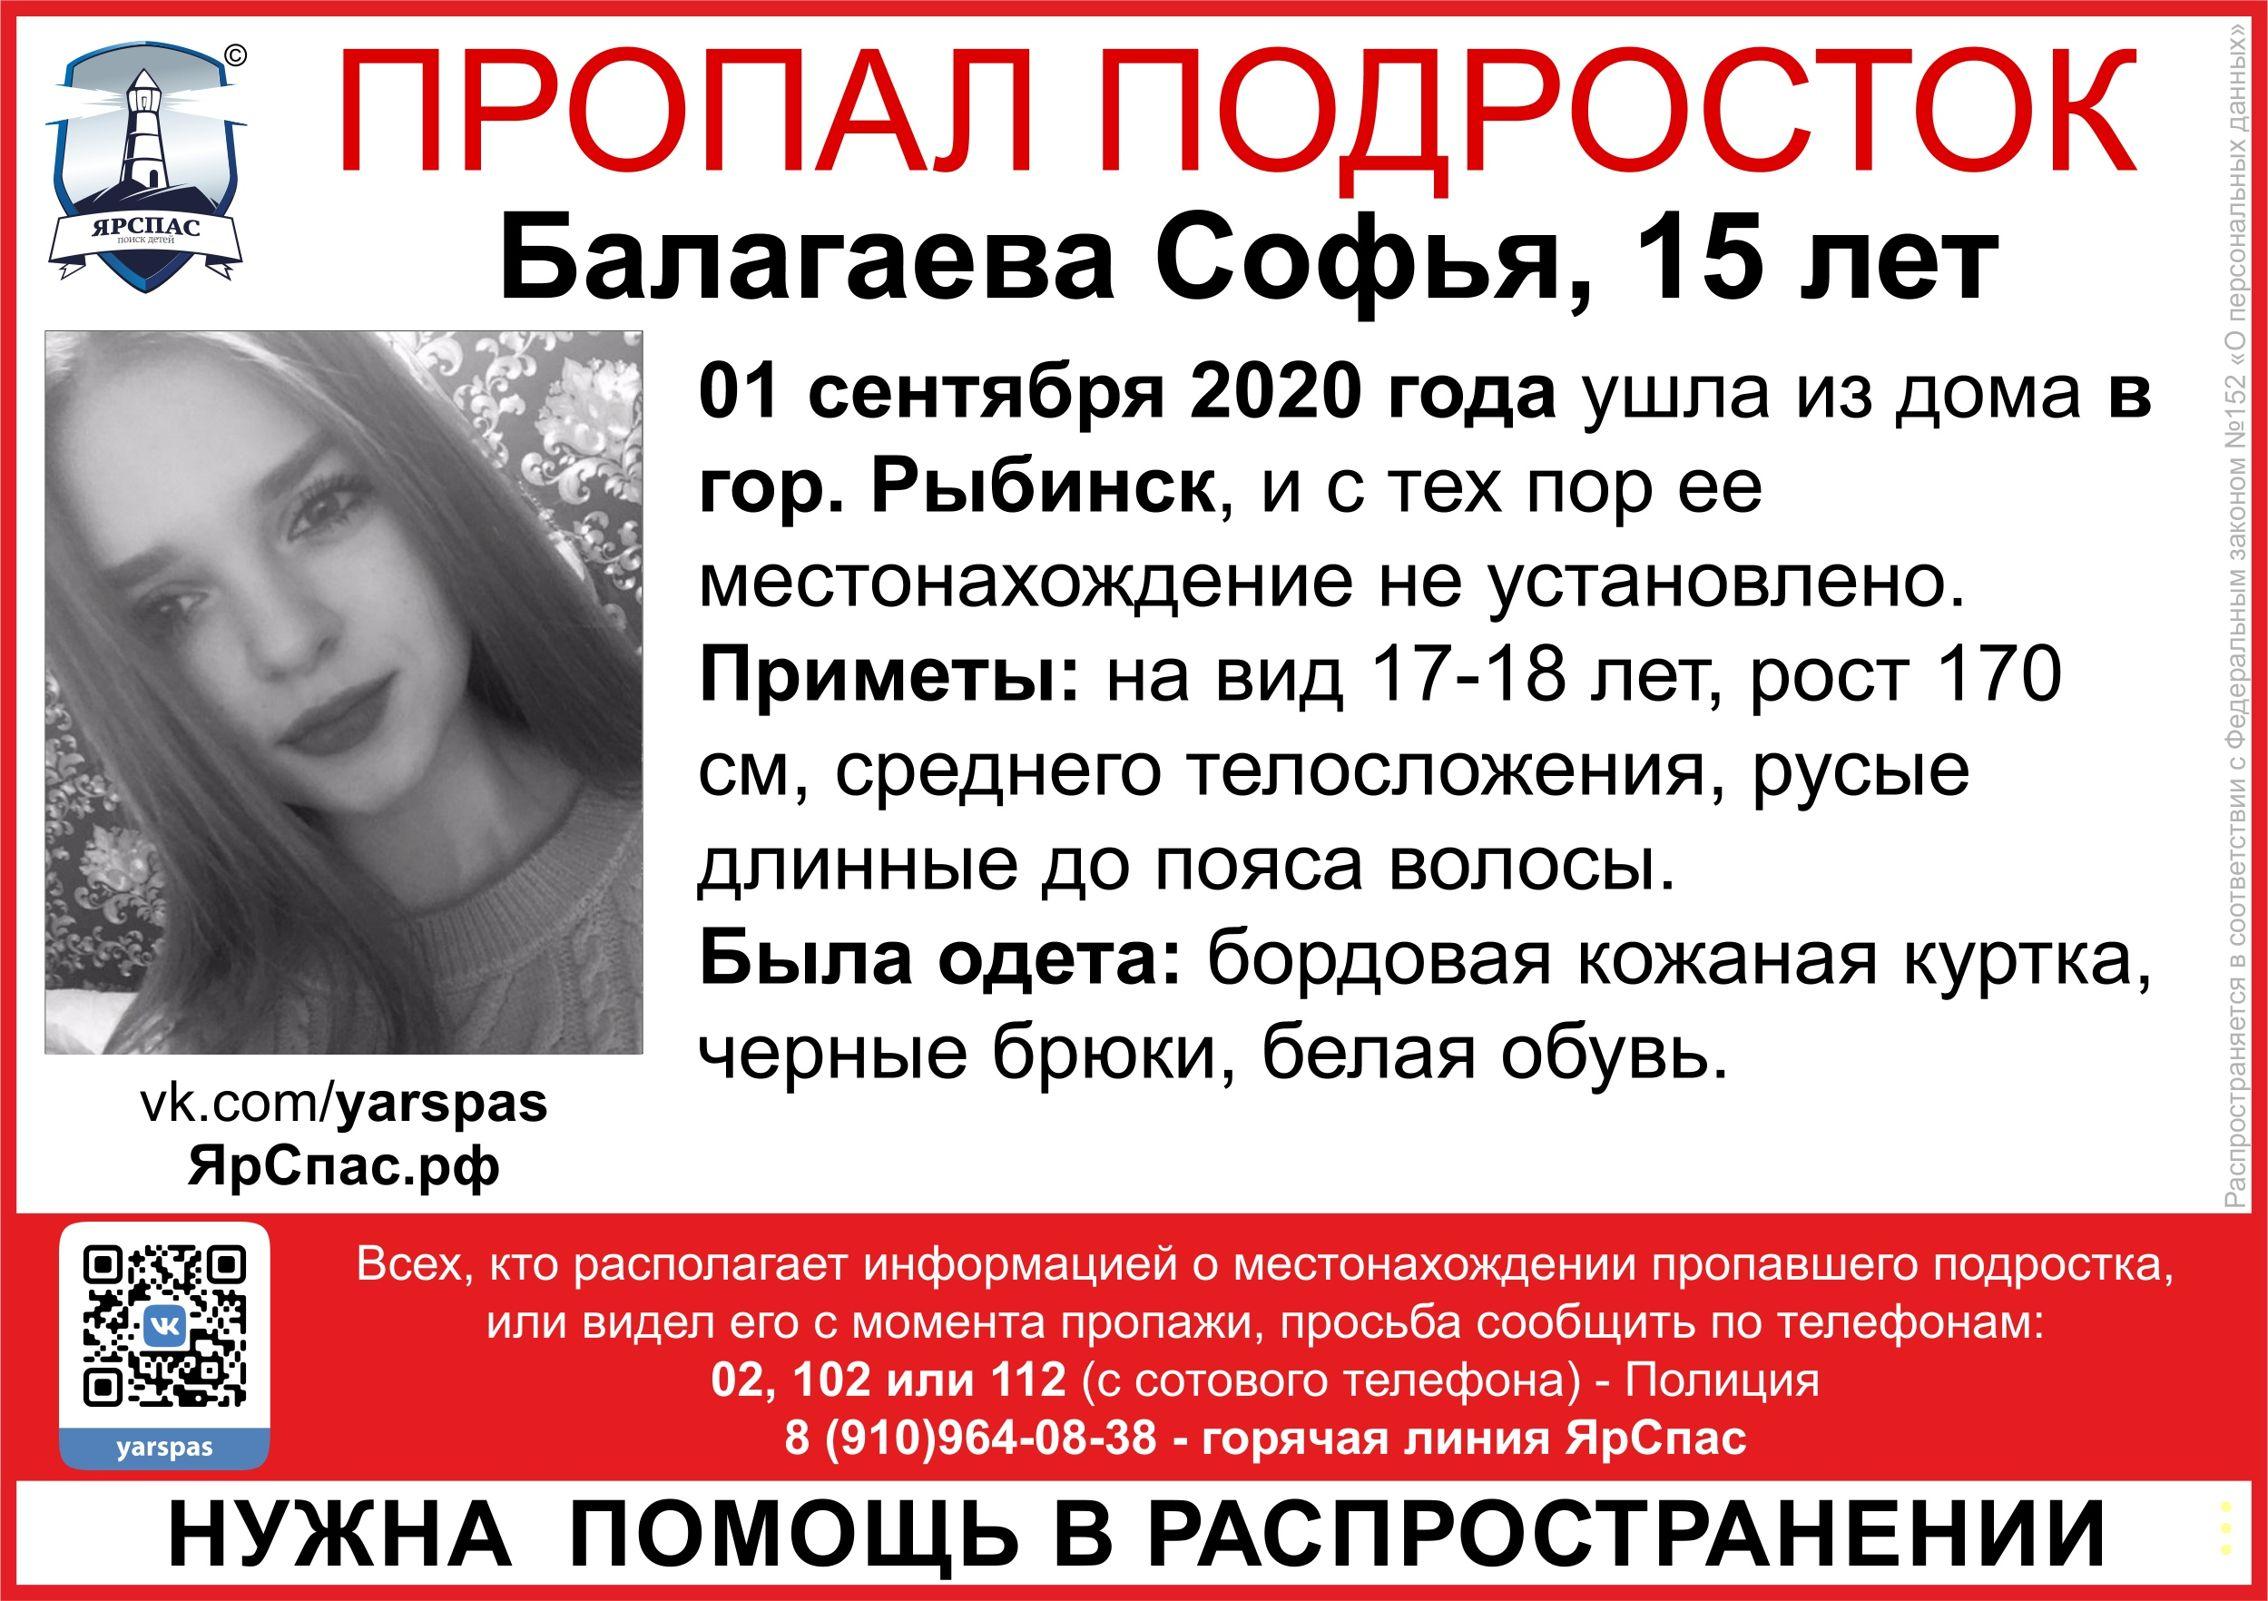 В Рыбинске ищут пропавшую 15-летнюю девочку